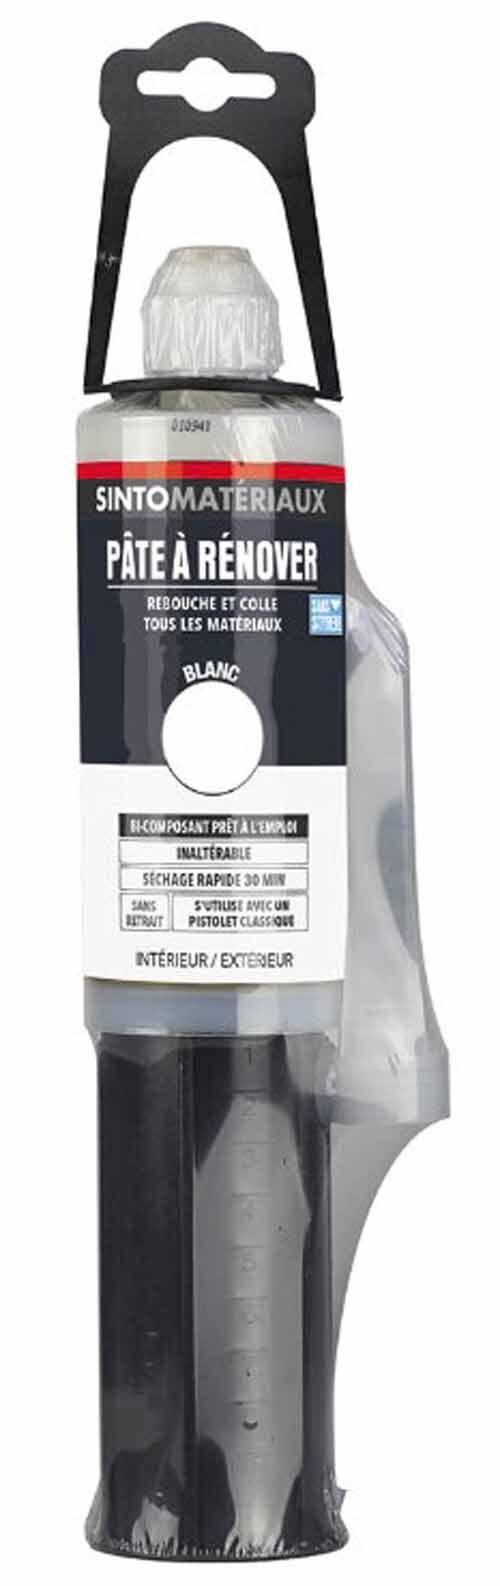 SINTO Pâte à rénover sans styrène + durcisseur - SINTO - 820193